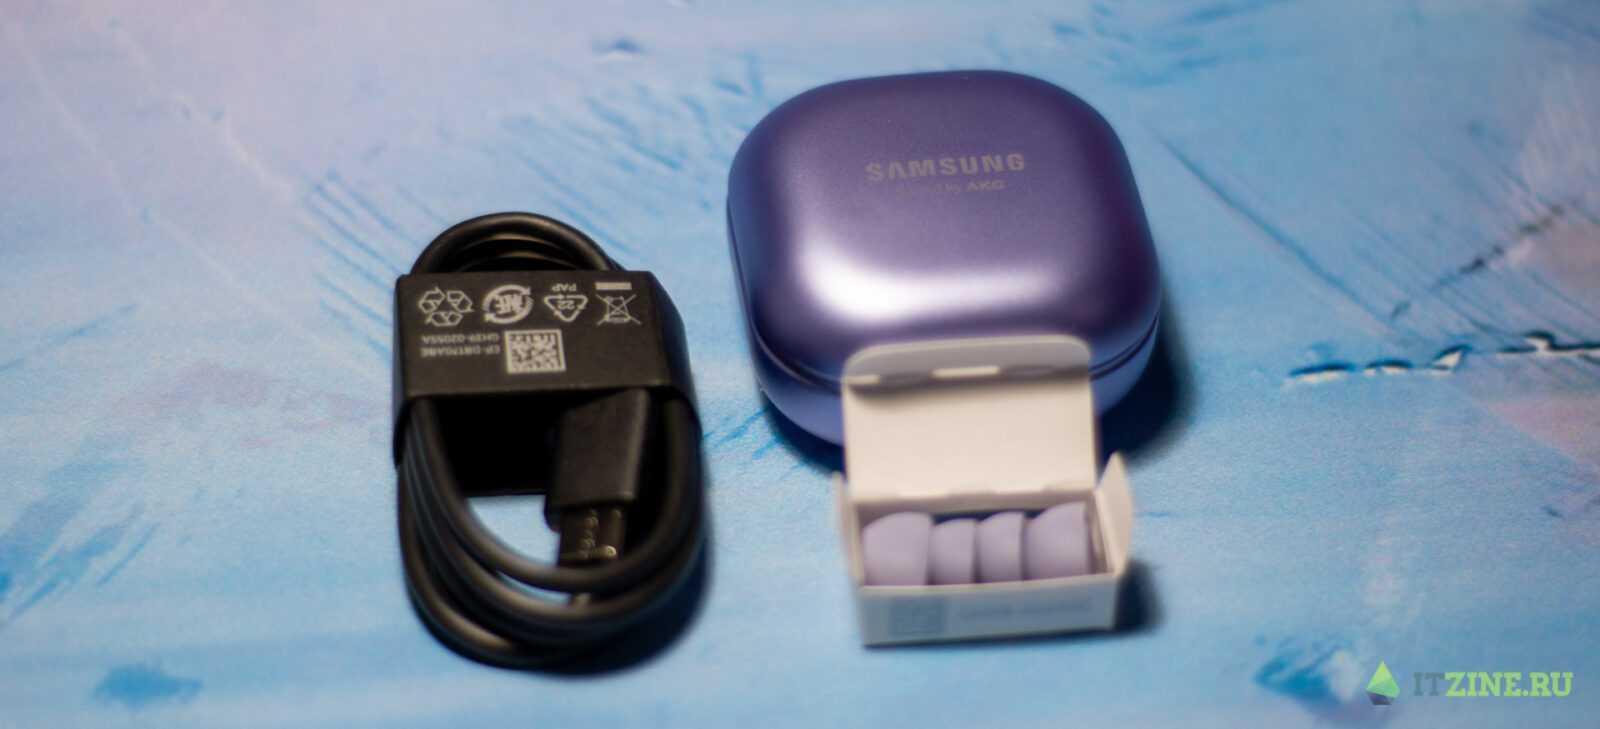 Обзор наушников Samsung Galaxy Buds Pro: звук со стилем (samsung earbuds pro 03)